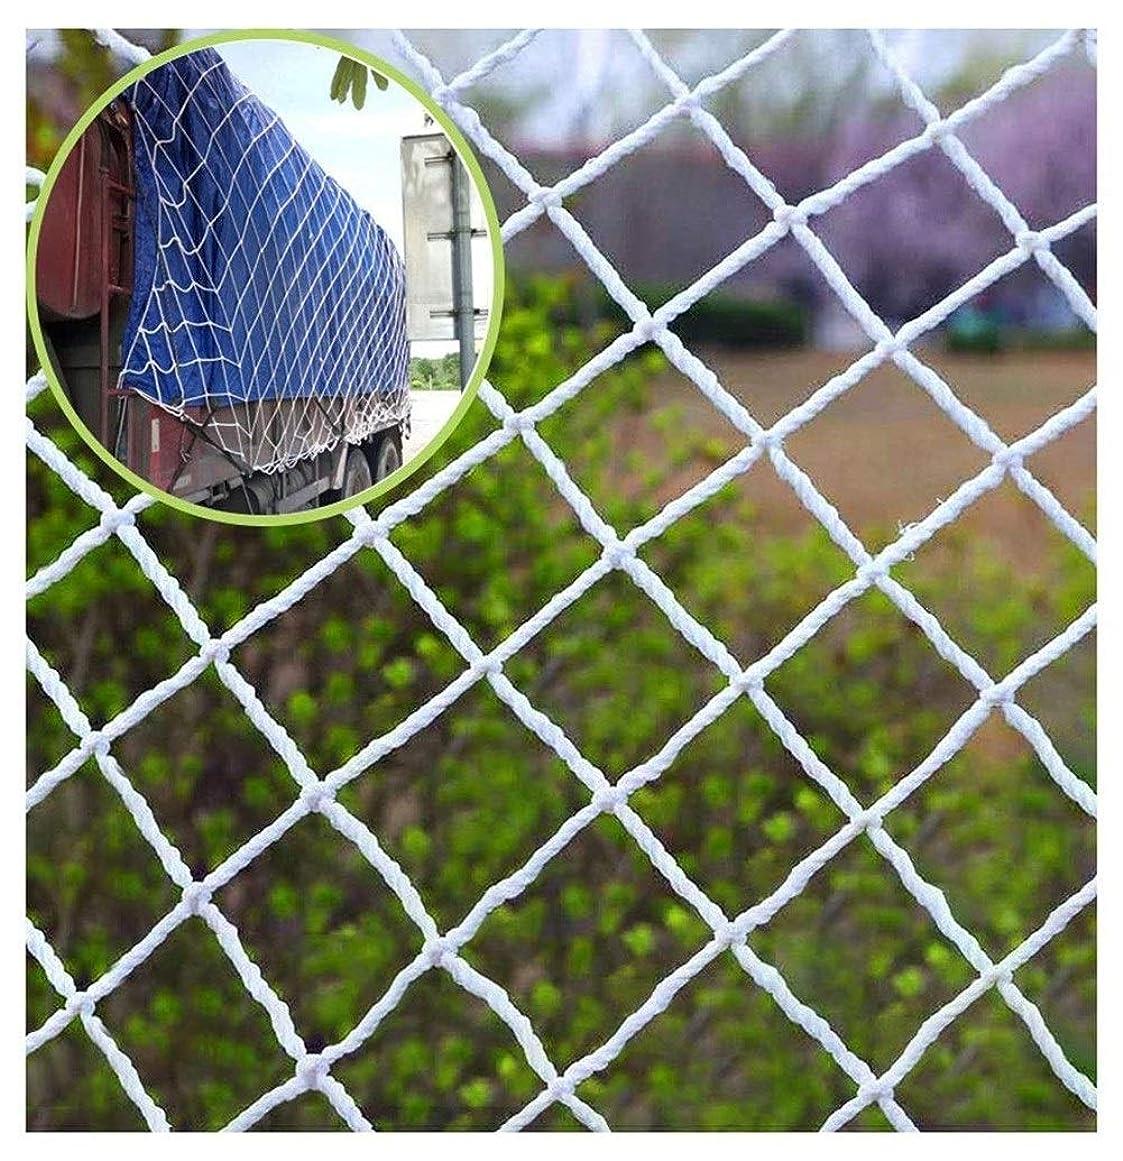 セッション応援するペースト子供の安全ネット保護ネット装飾ネット屋外保護ネット 屋外用クライミングロープネット白、子供用保護クライミングネット安全なネットロープネット大階段子供落下防止クライミングネット幼稚園保護ネットカスタマイズ可能 屋内造園安全手すり階段バルコニー窓 (Color : 5cm Mesh, Size : 5*5M)